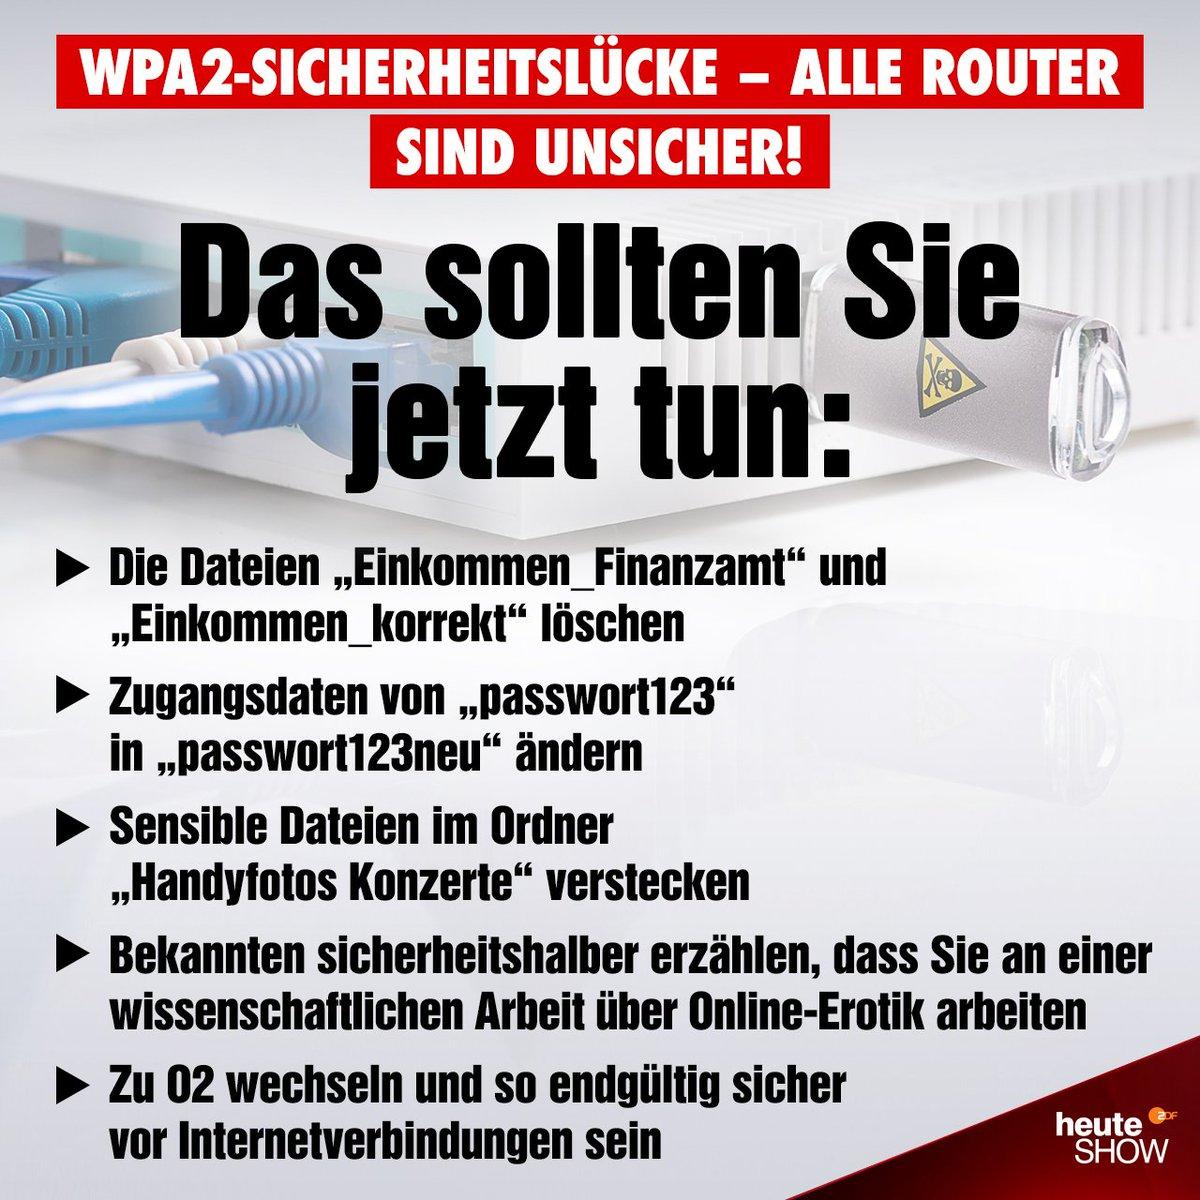 #WPA2